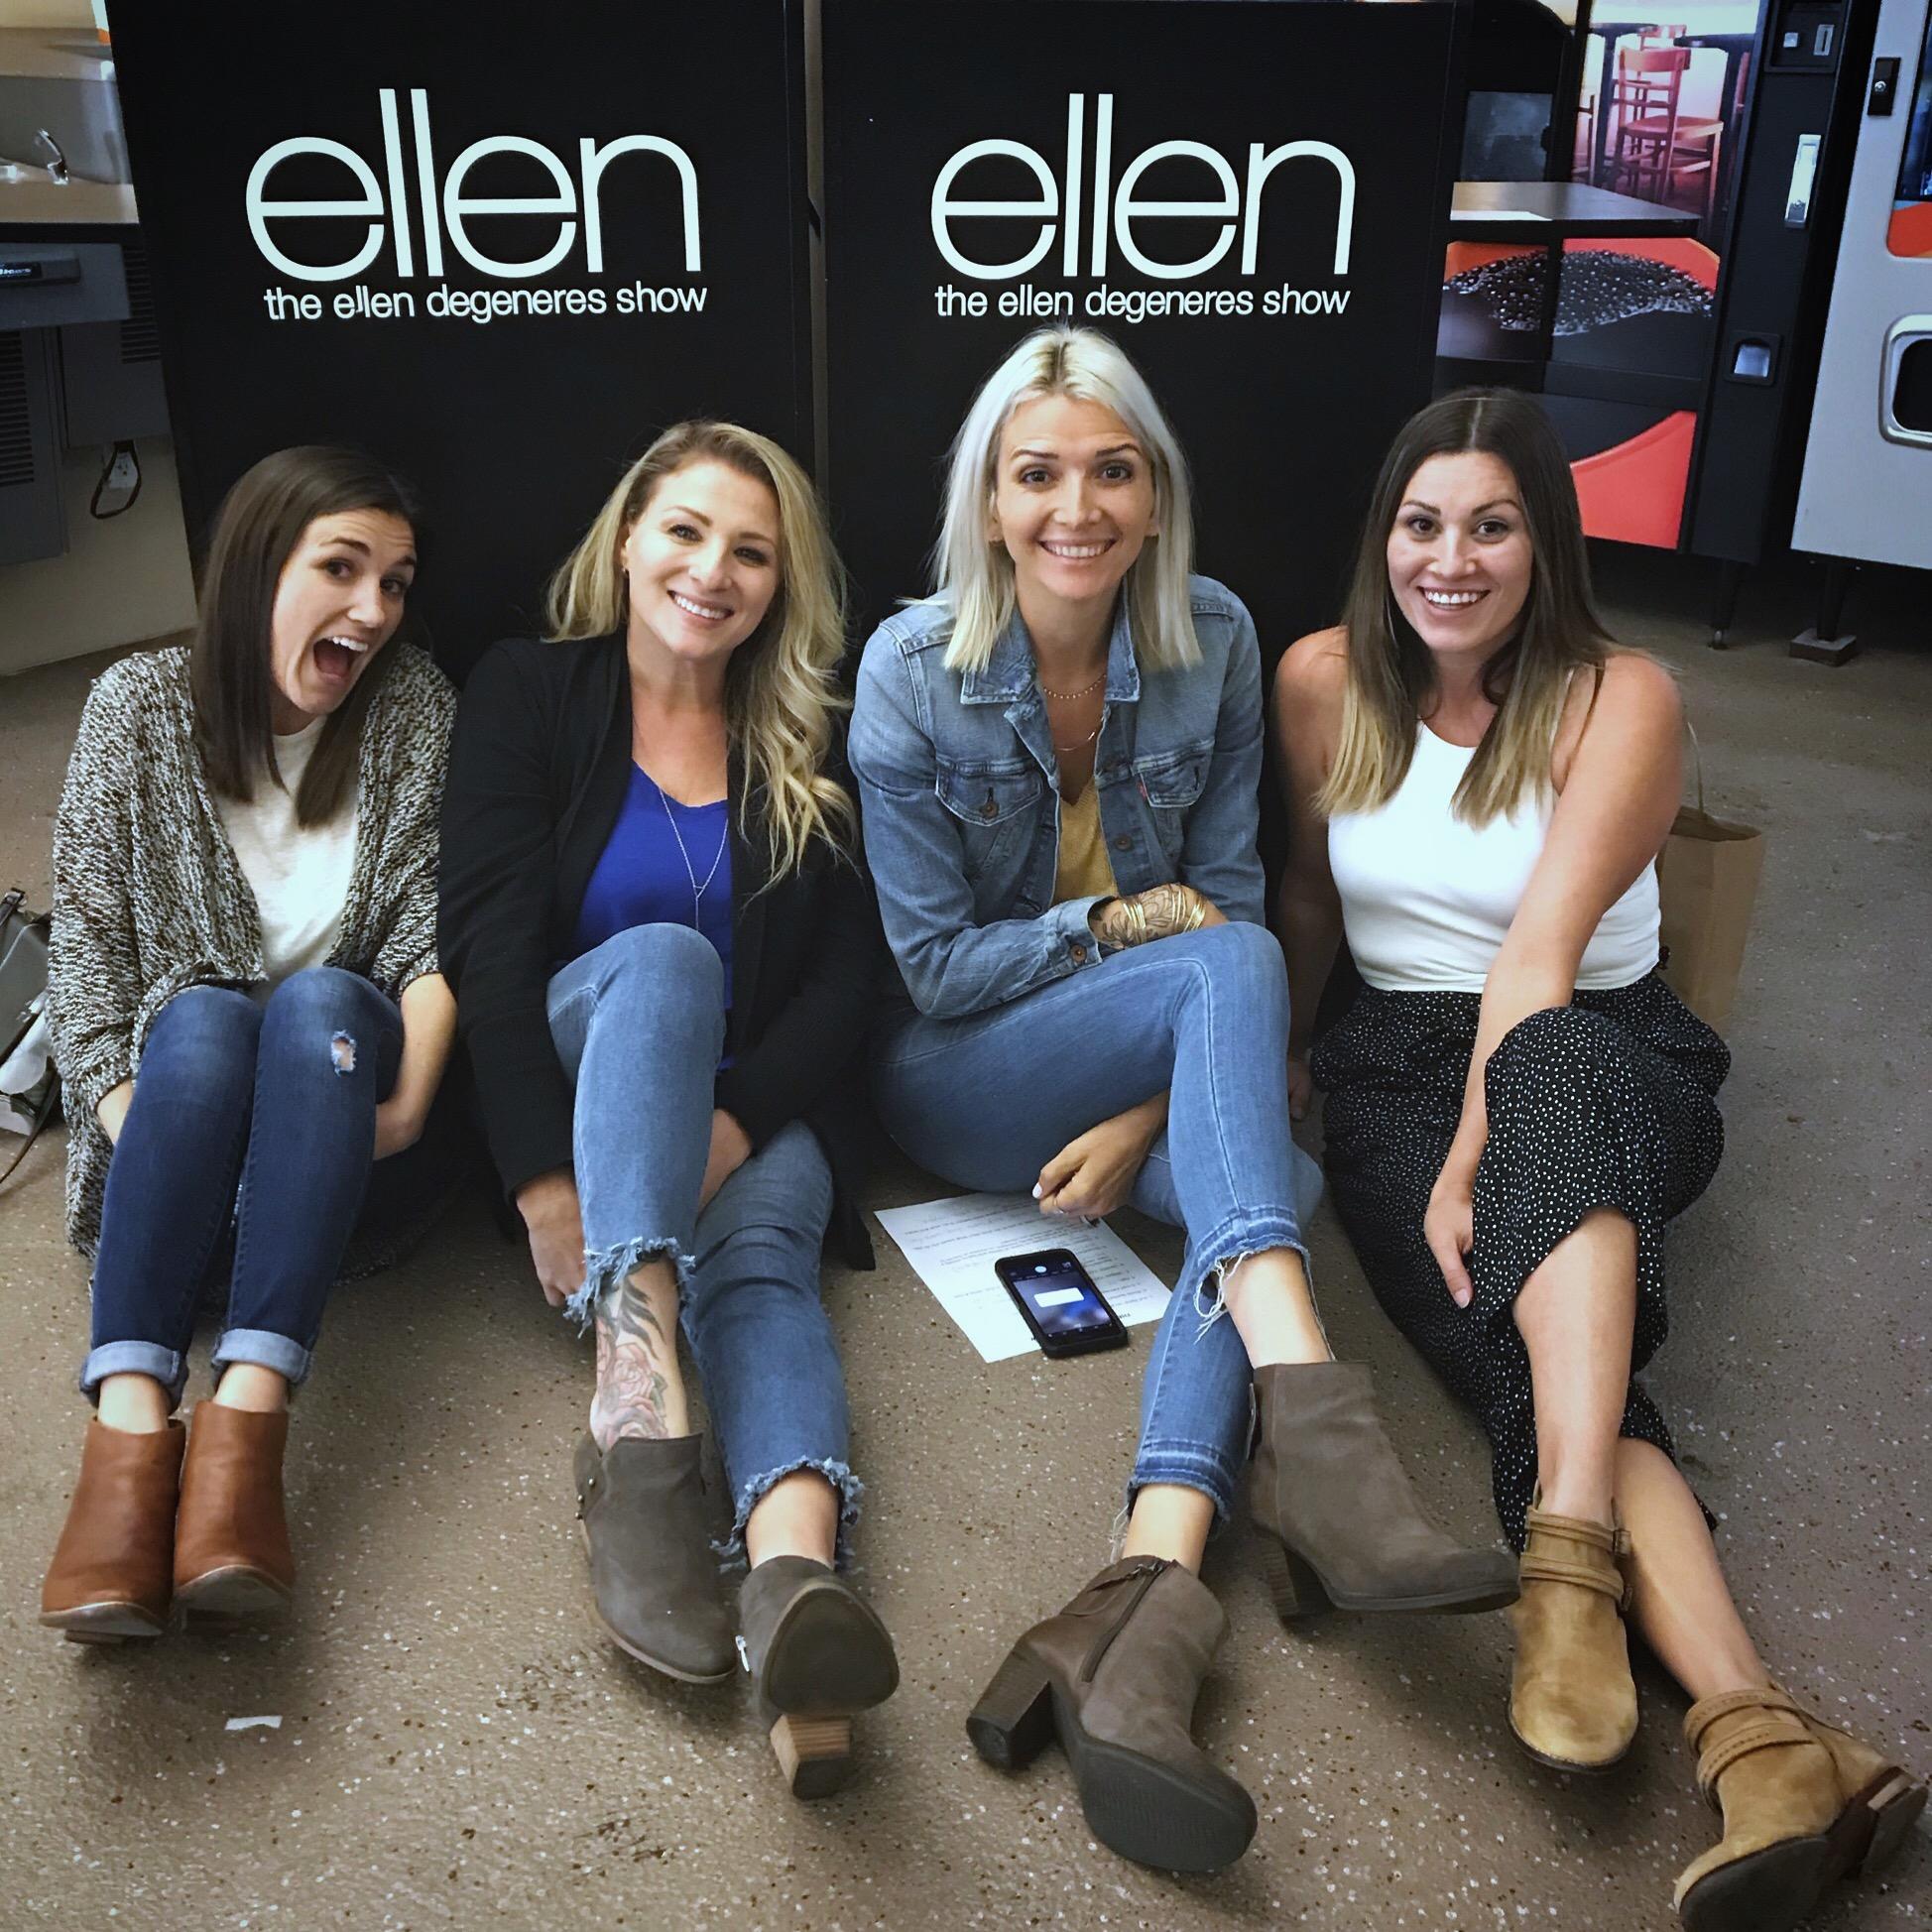 How to get on 'The Ellen Show' https://chasingmcallisters.com/ellen-part-2